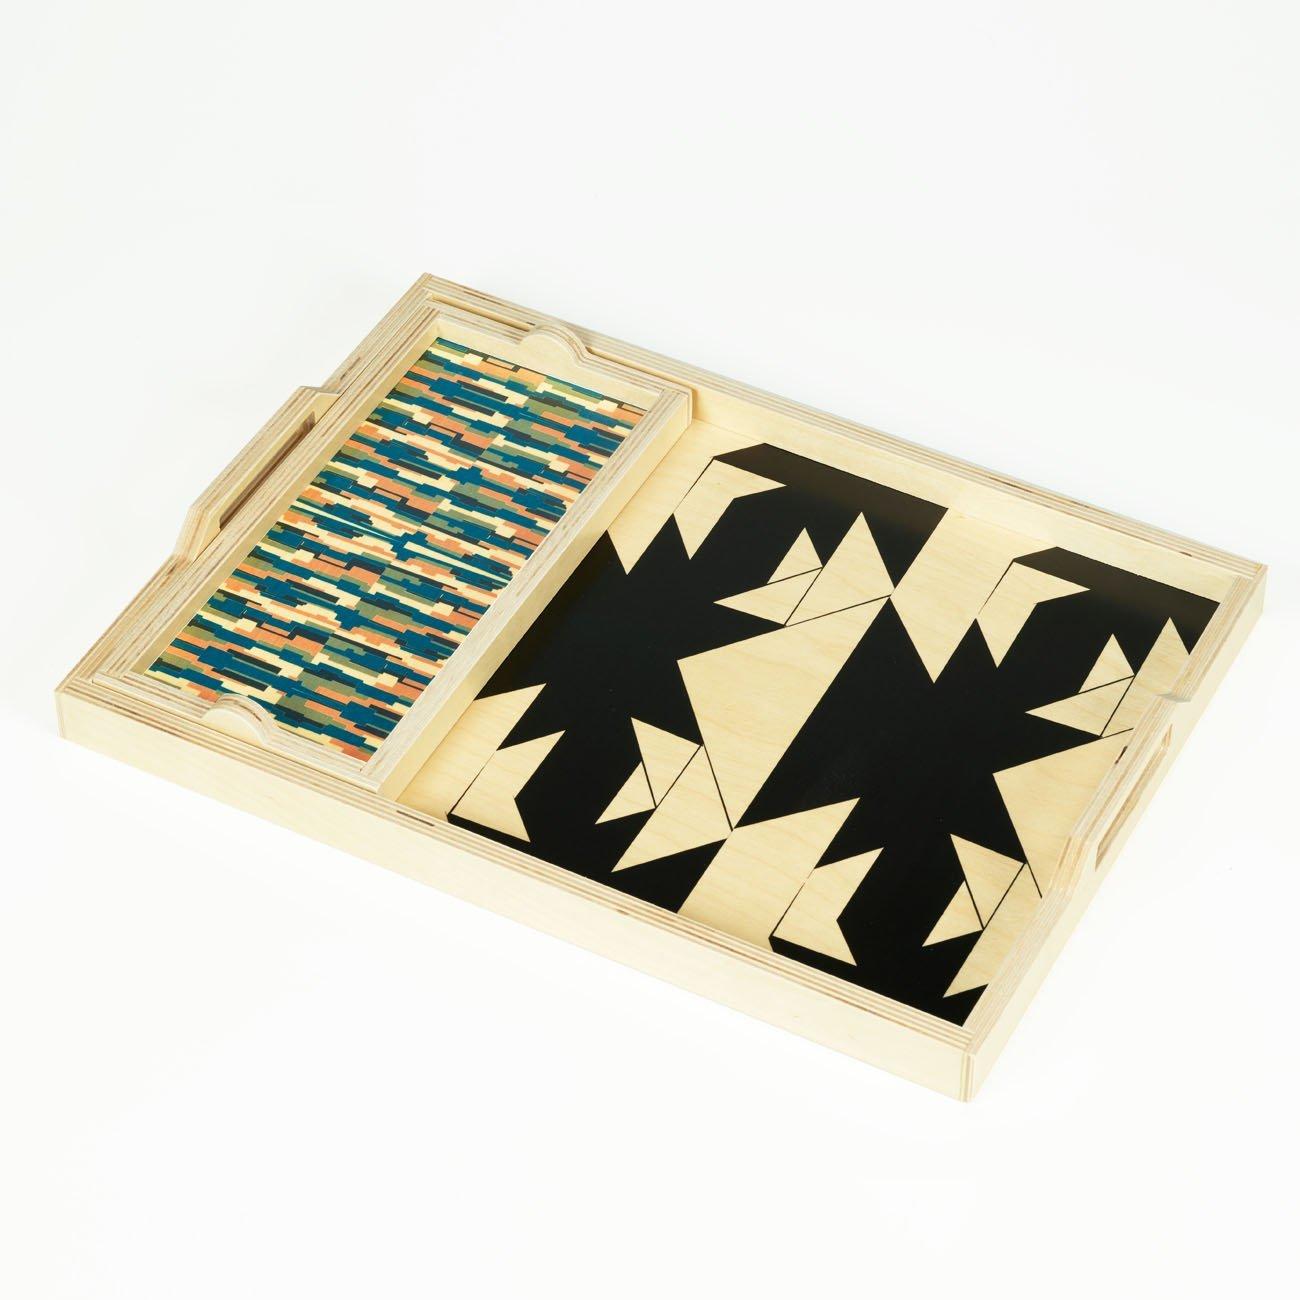 Wolfum carmela tray and annie mini tray